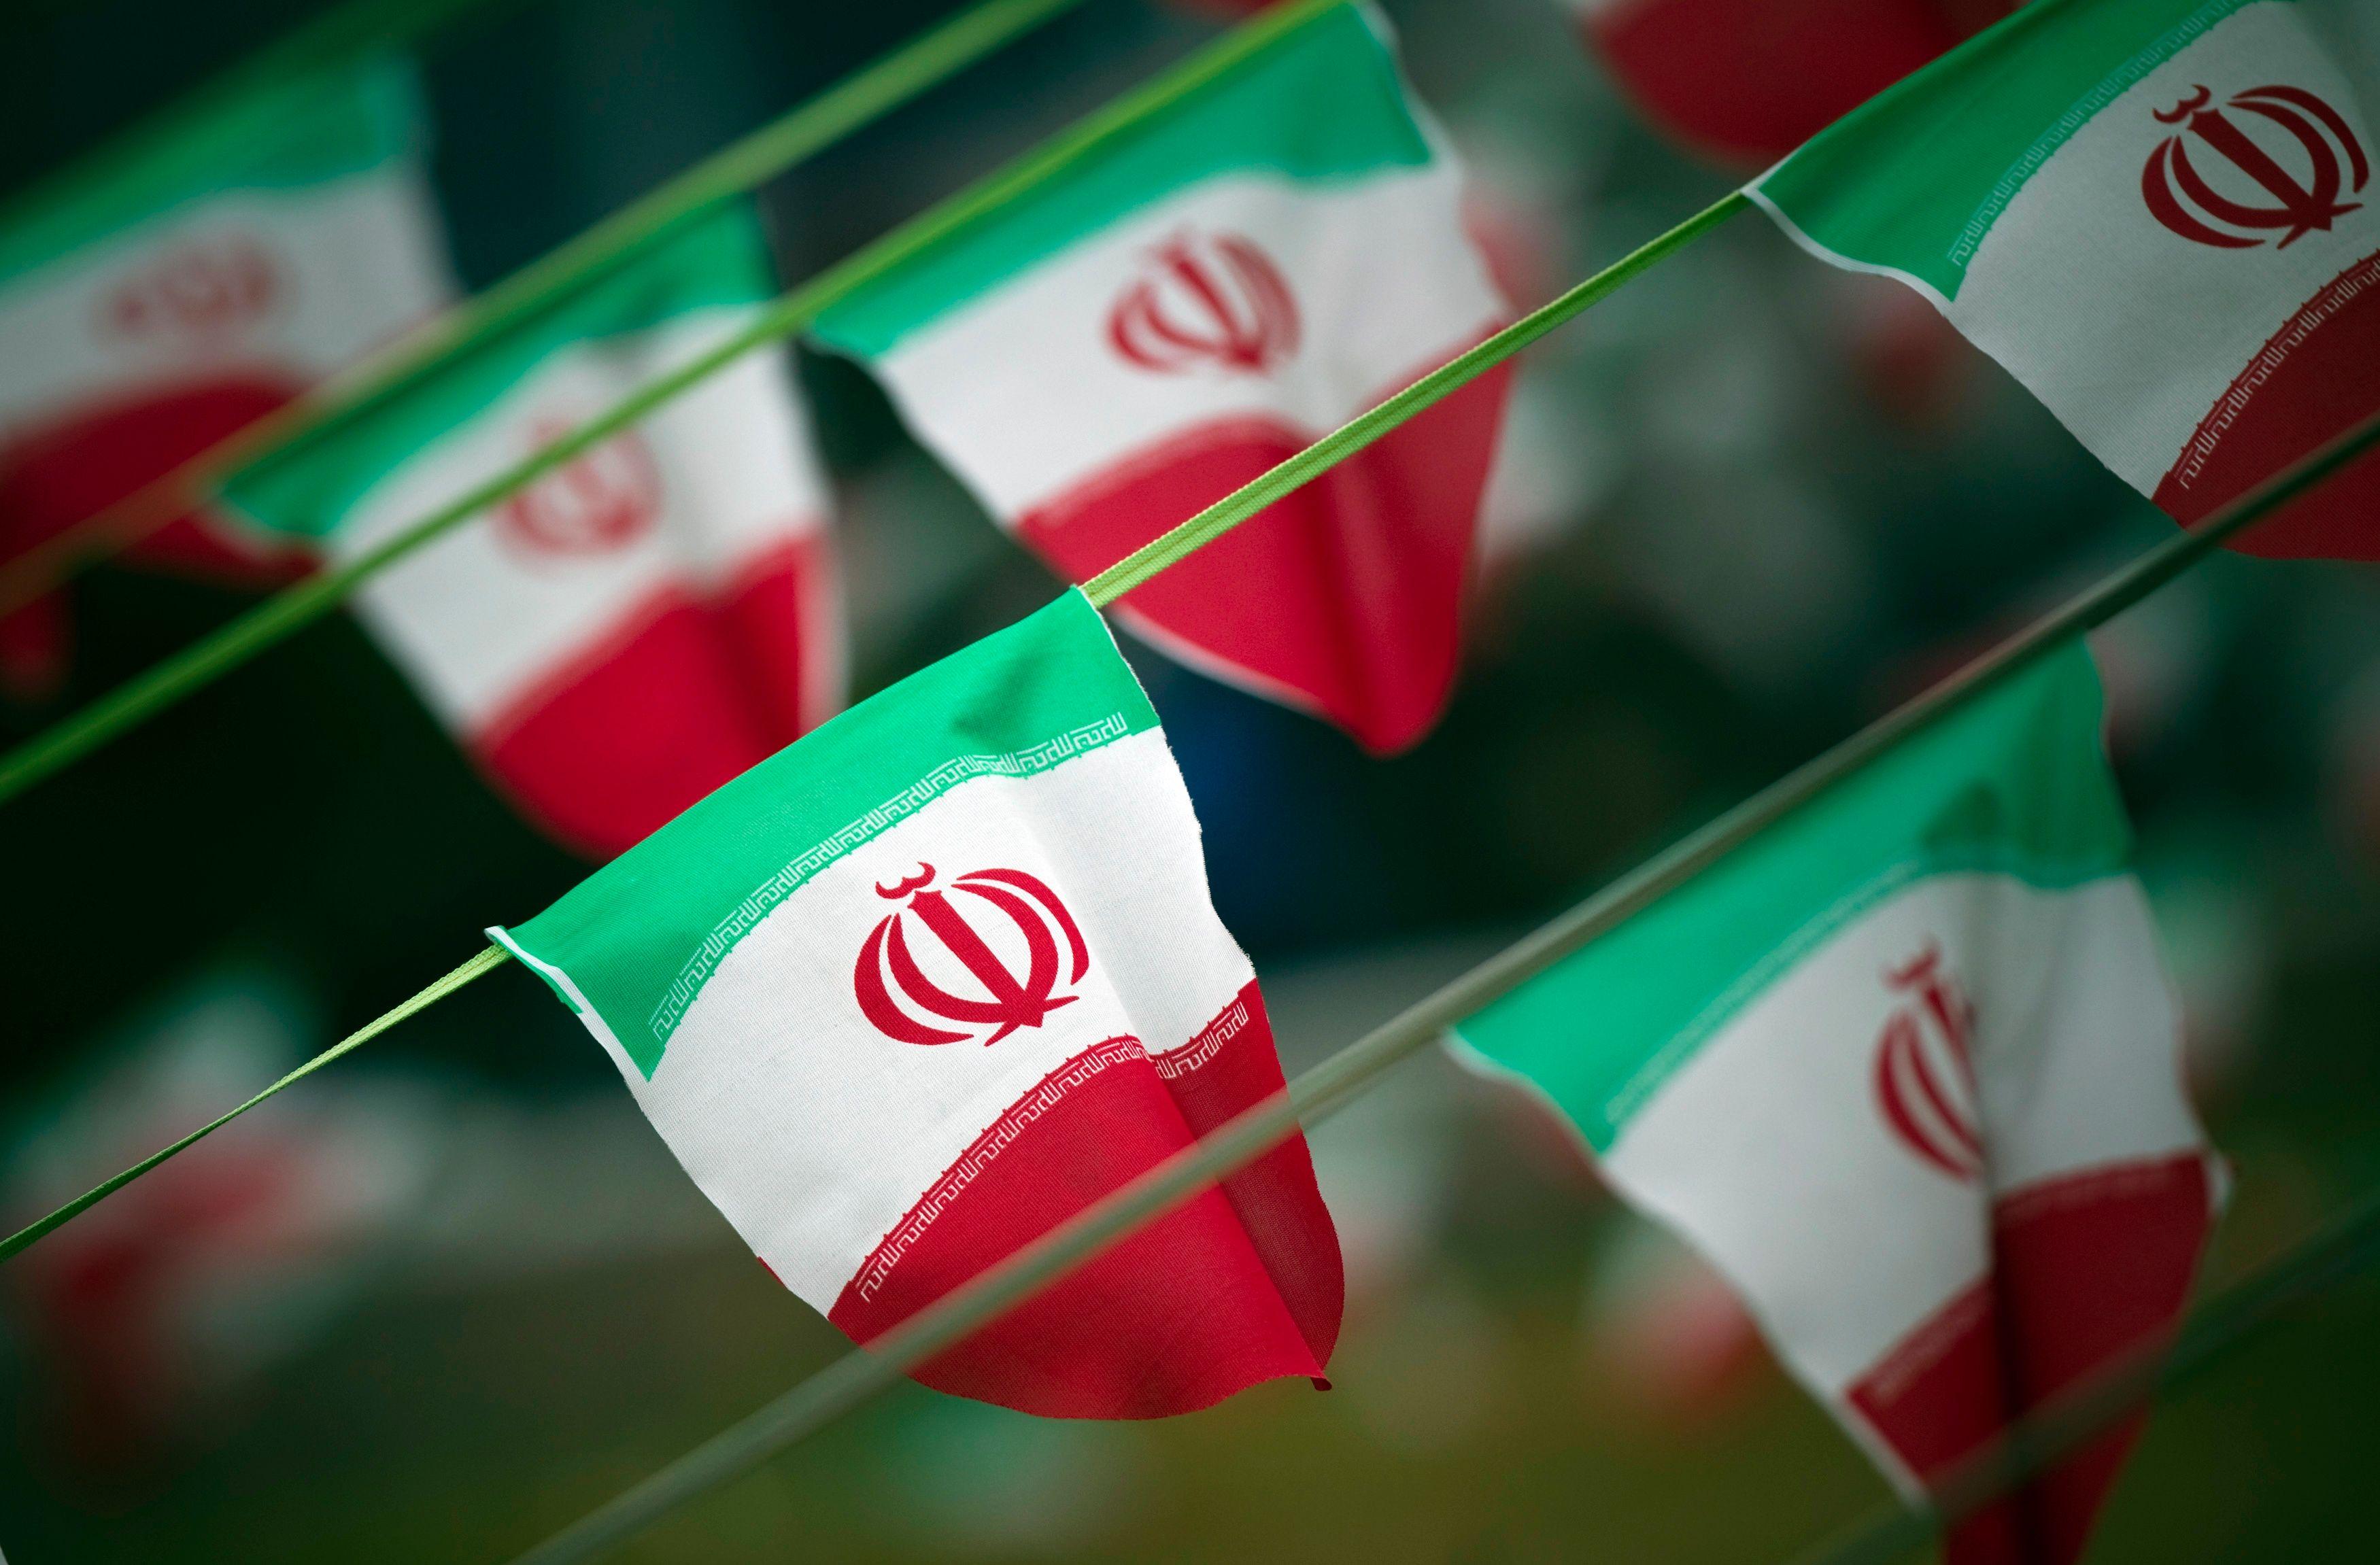 L'ONU a indiqué que l'Iran ne fera pas partie de Genève 2.